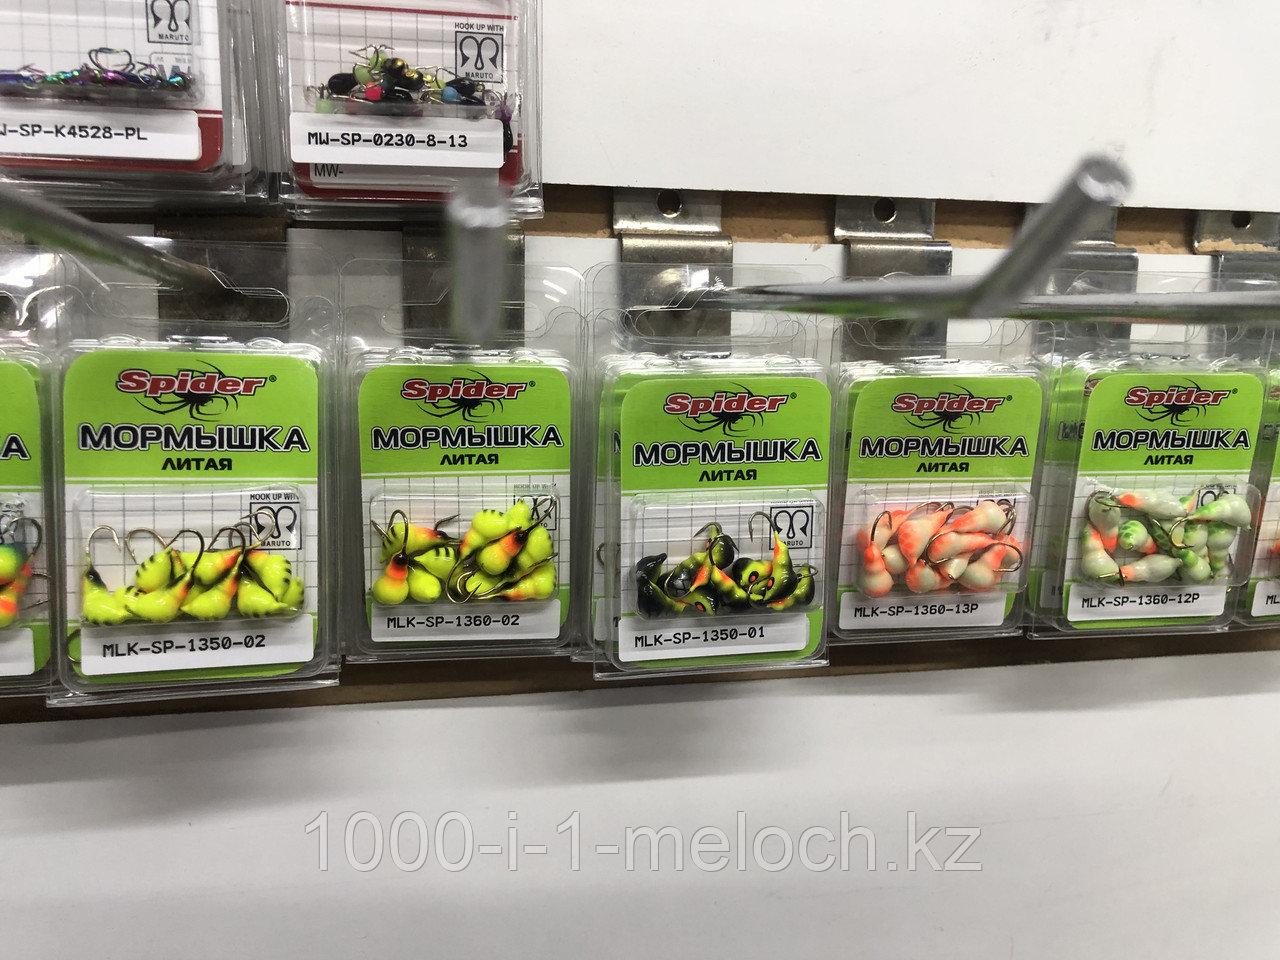 Мормышка Вольфрамовые в упаковке 10 штук - фото 2